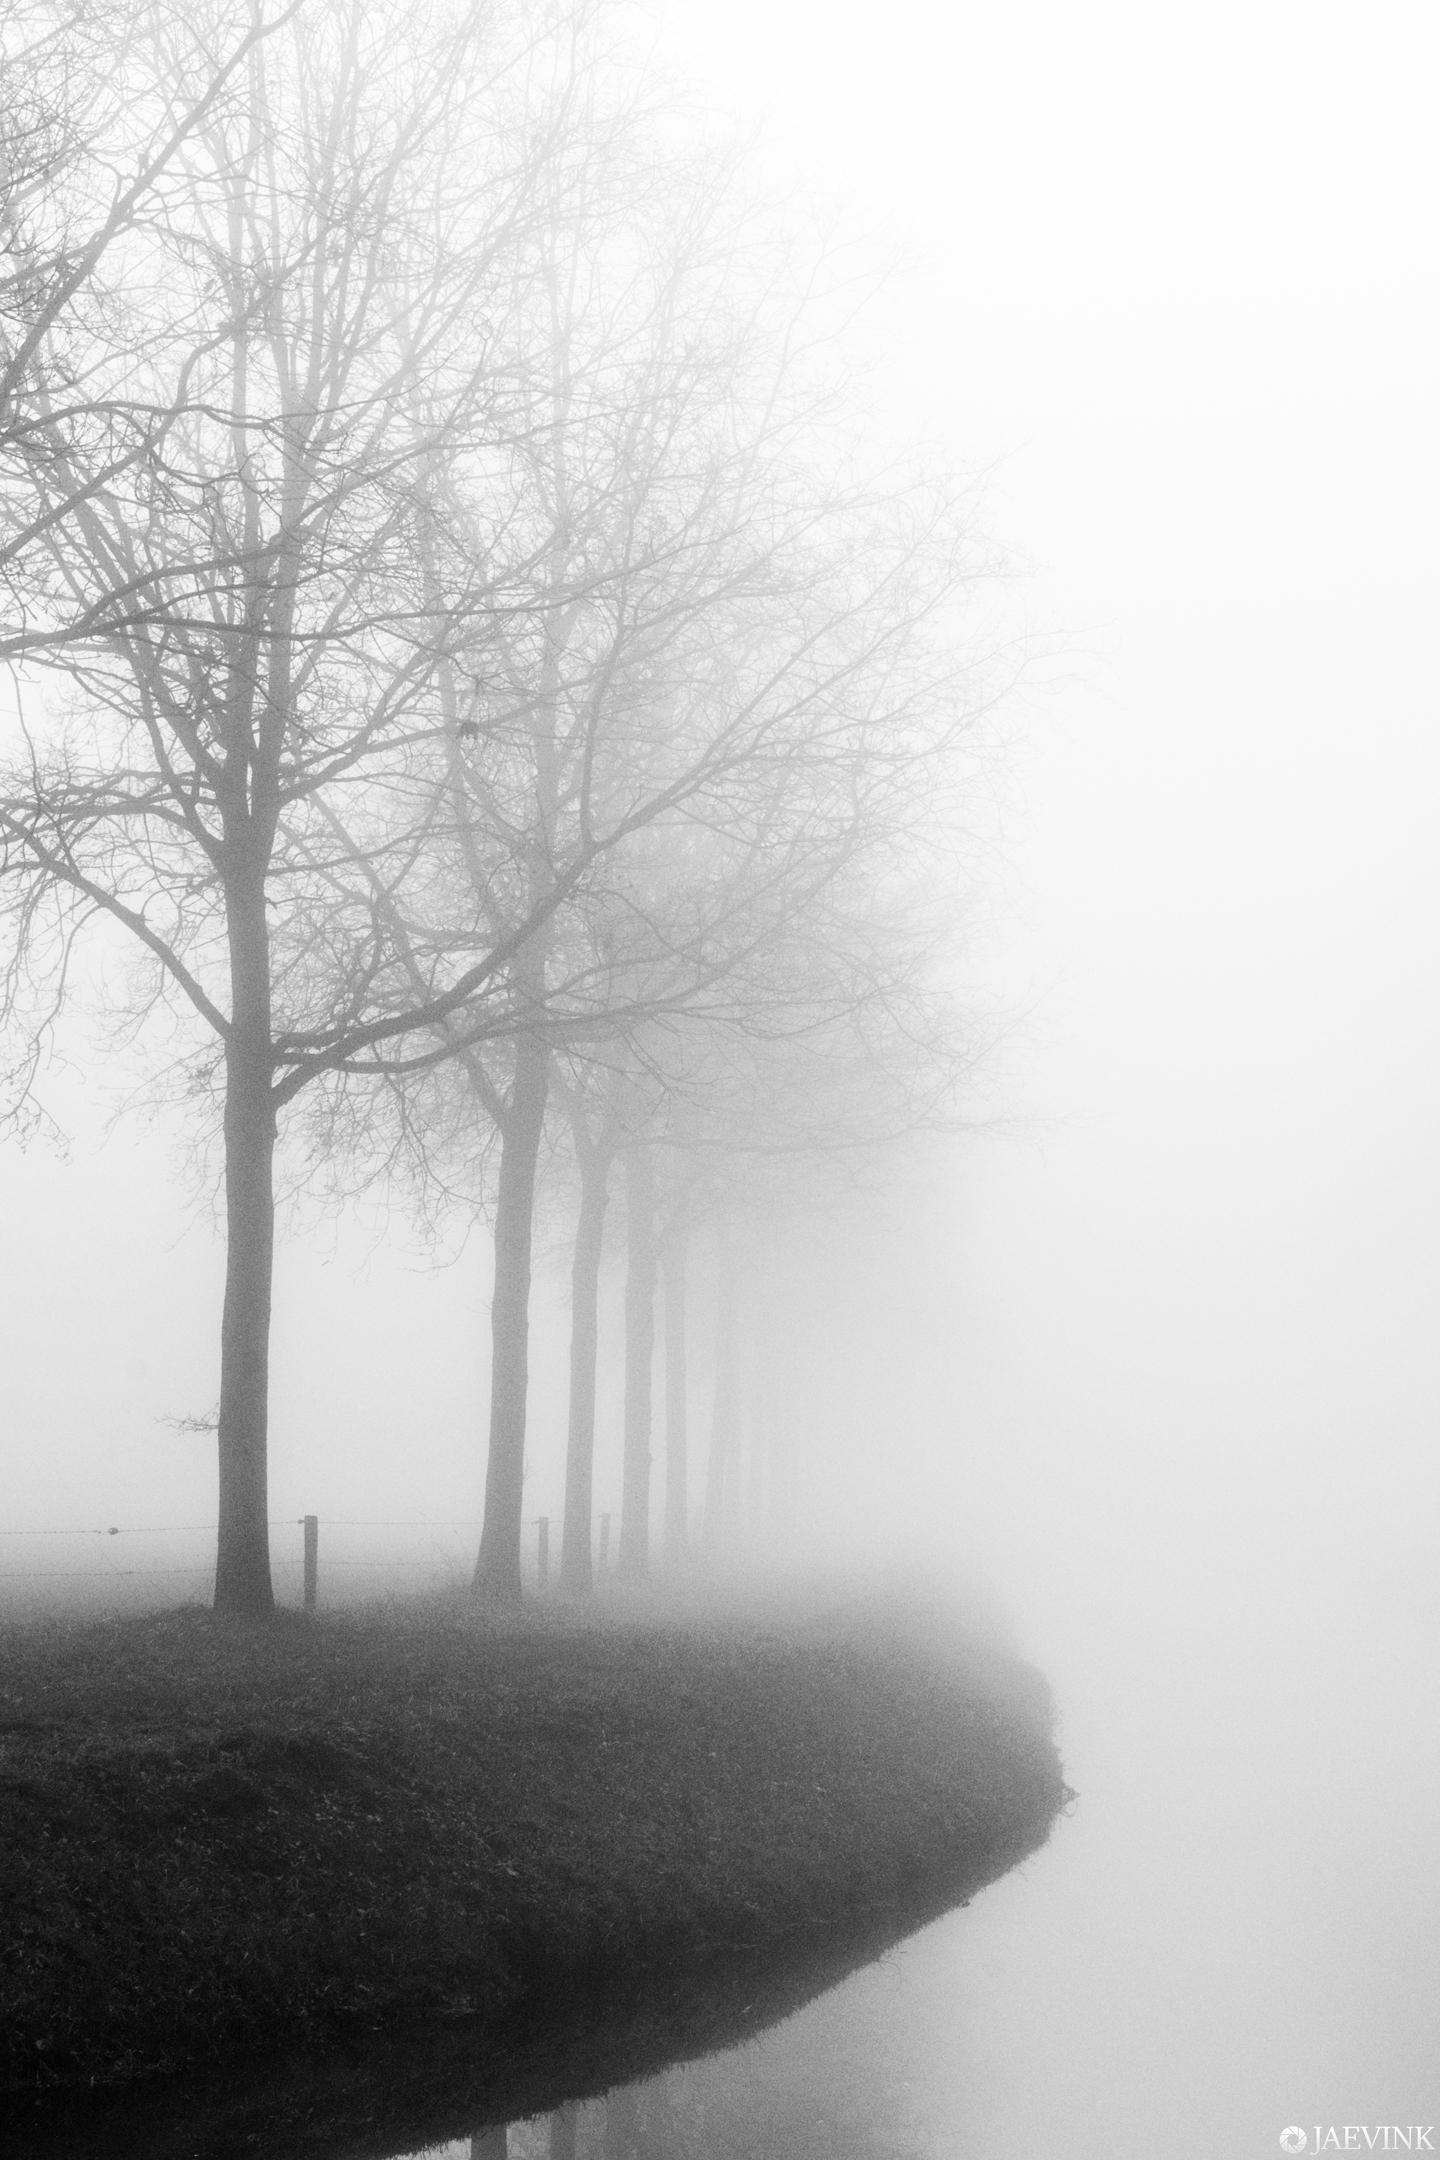 Black, white and fog - Black, white and fog - foto door vwinke op 15-04-2021 - deze foto bevat: natuur, mist, fog, zwartwit, black and white, reflection, bomen, water, atmosfeer, fabriek, mist, lucht, boom, natuurlijk landschap, afdeling, hout, grijs, atmosferisch fenomeen